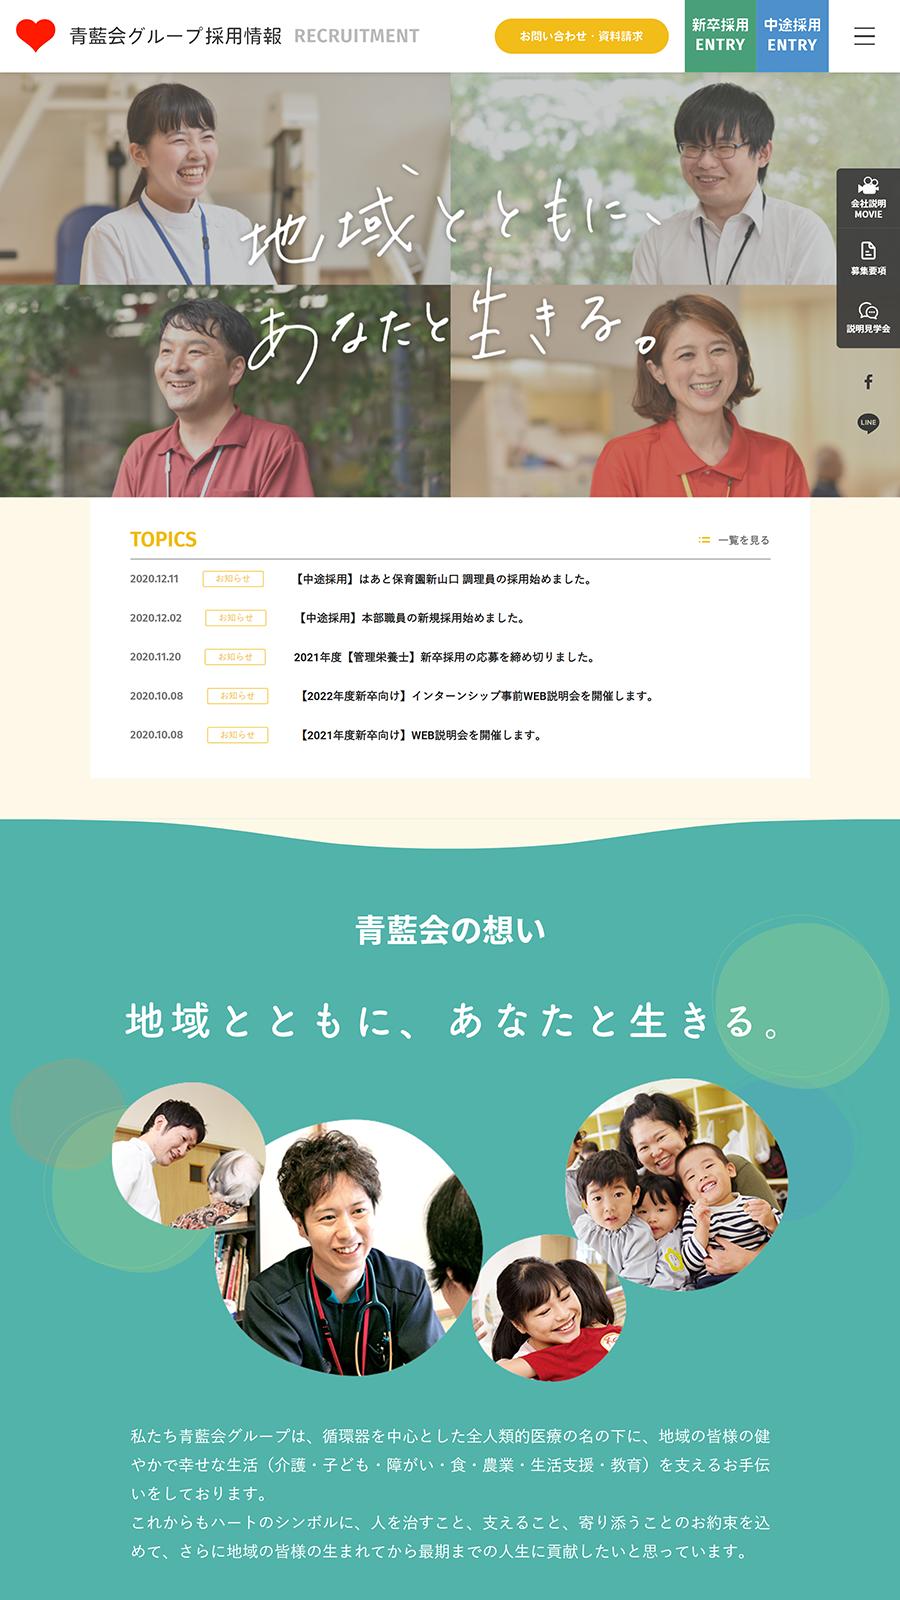 青藍会グループ 様 採用情報サイト